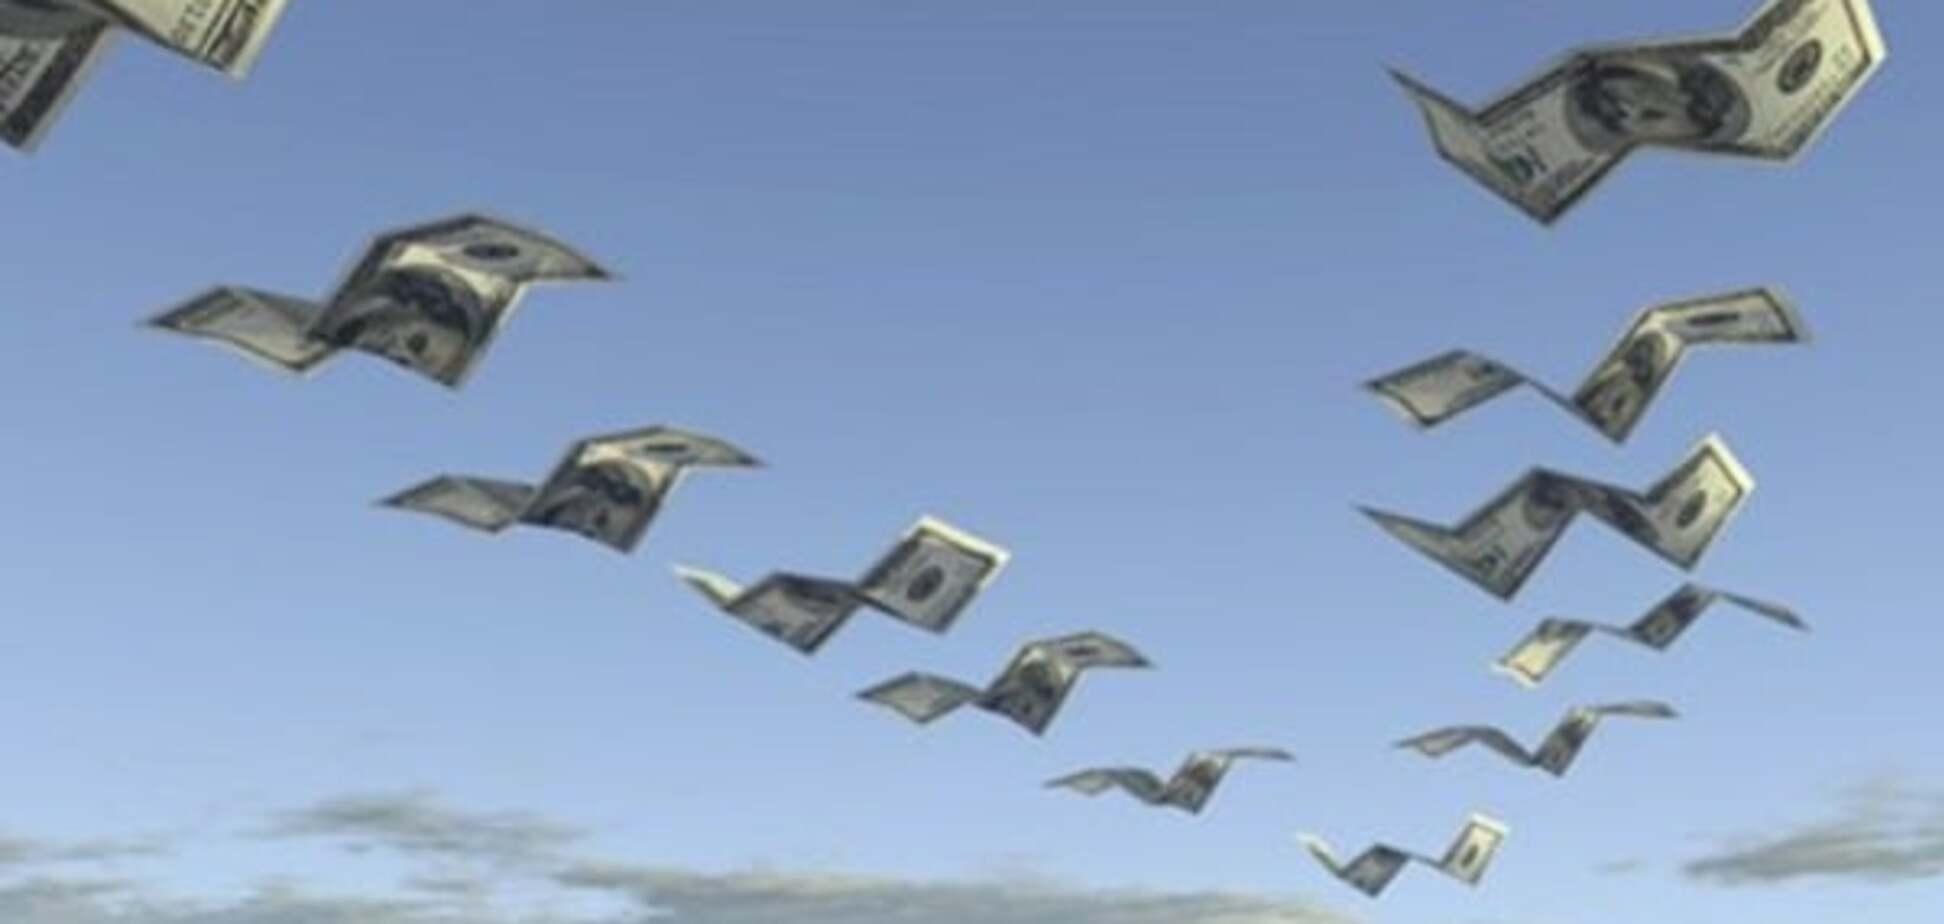 В Центробанке подсчитали, сколько потеряет Россия при нефти по $35